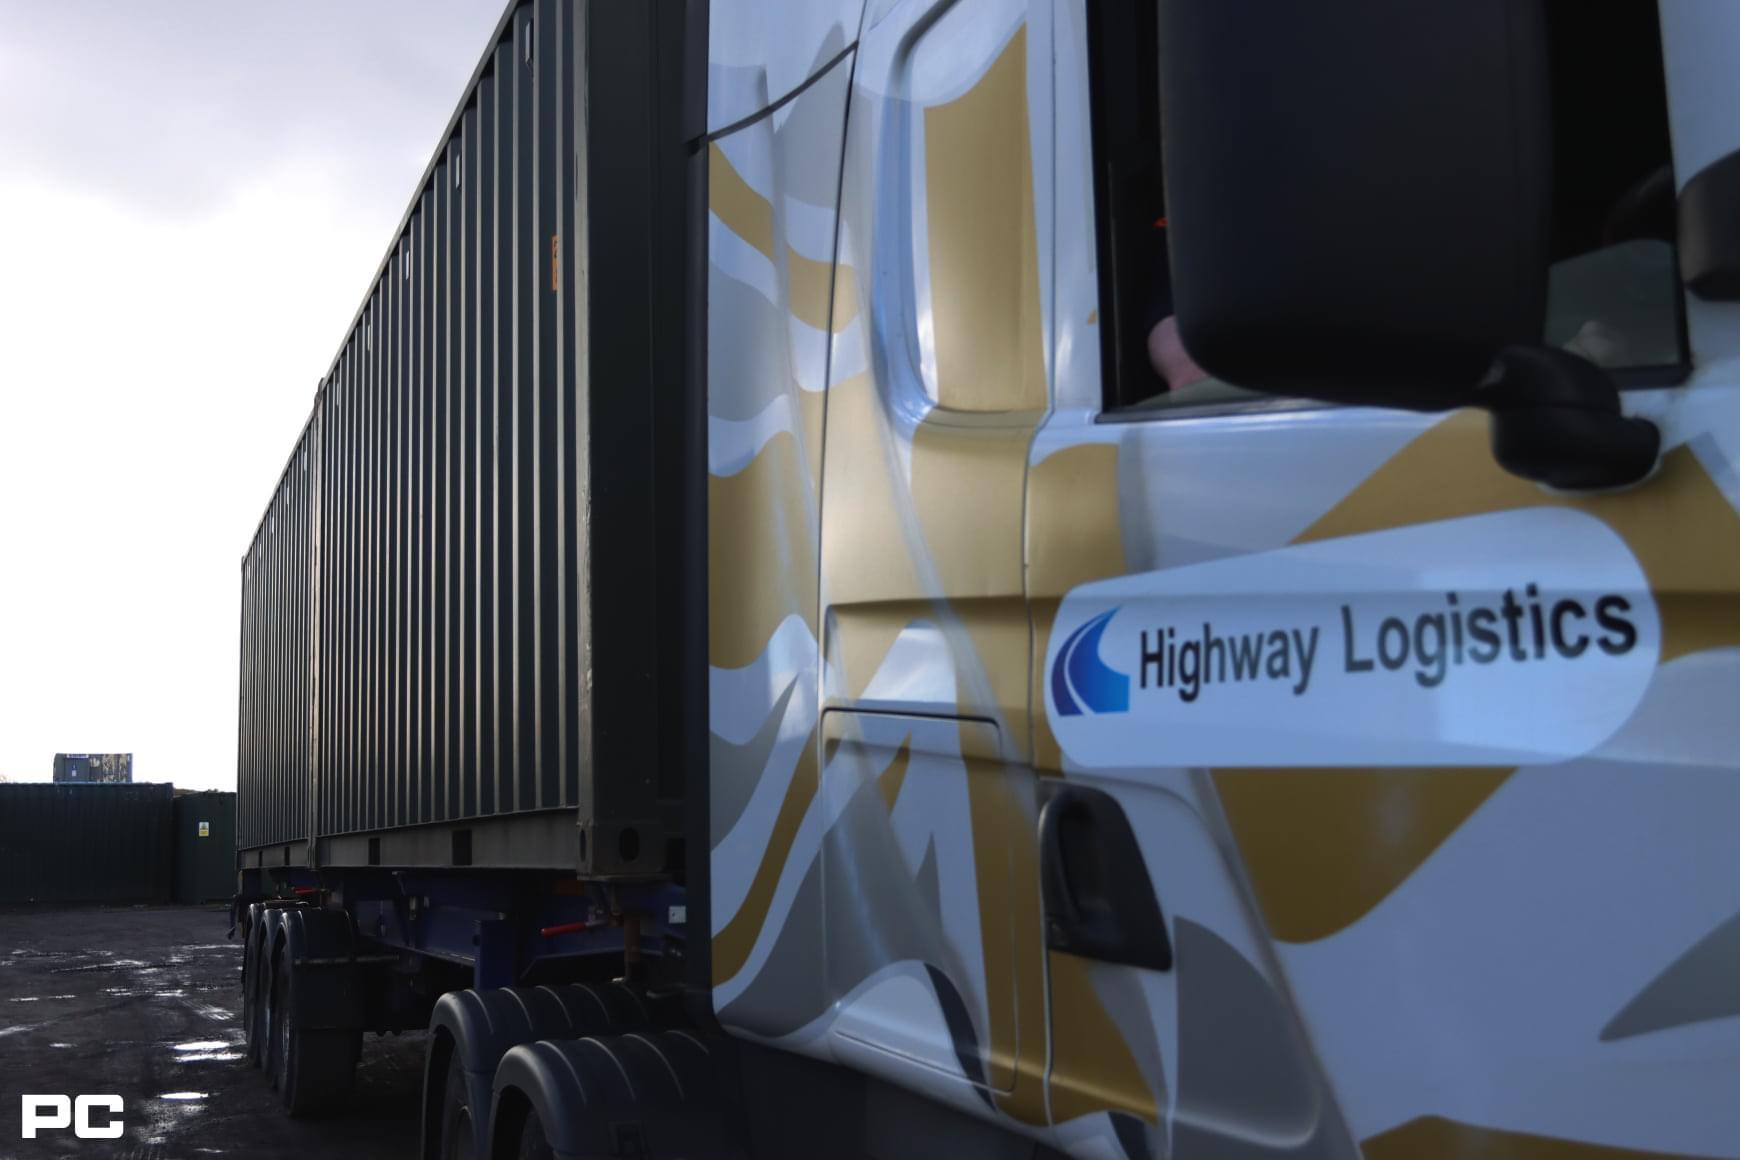 highway_logistics4